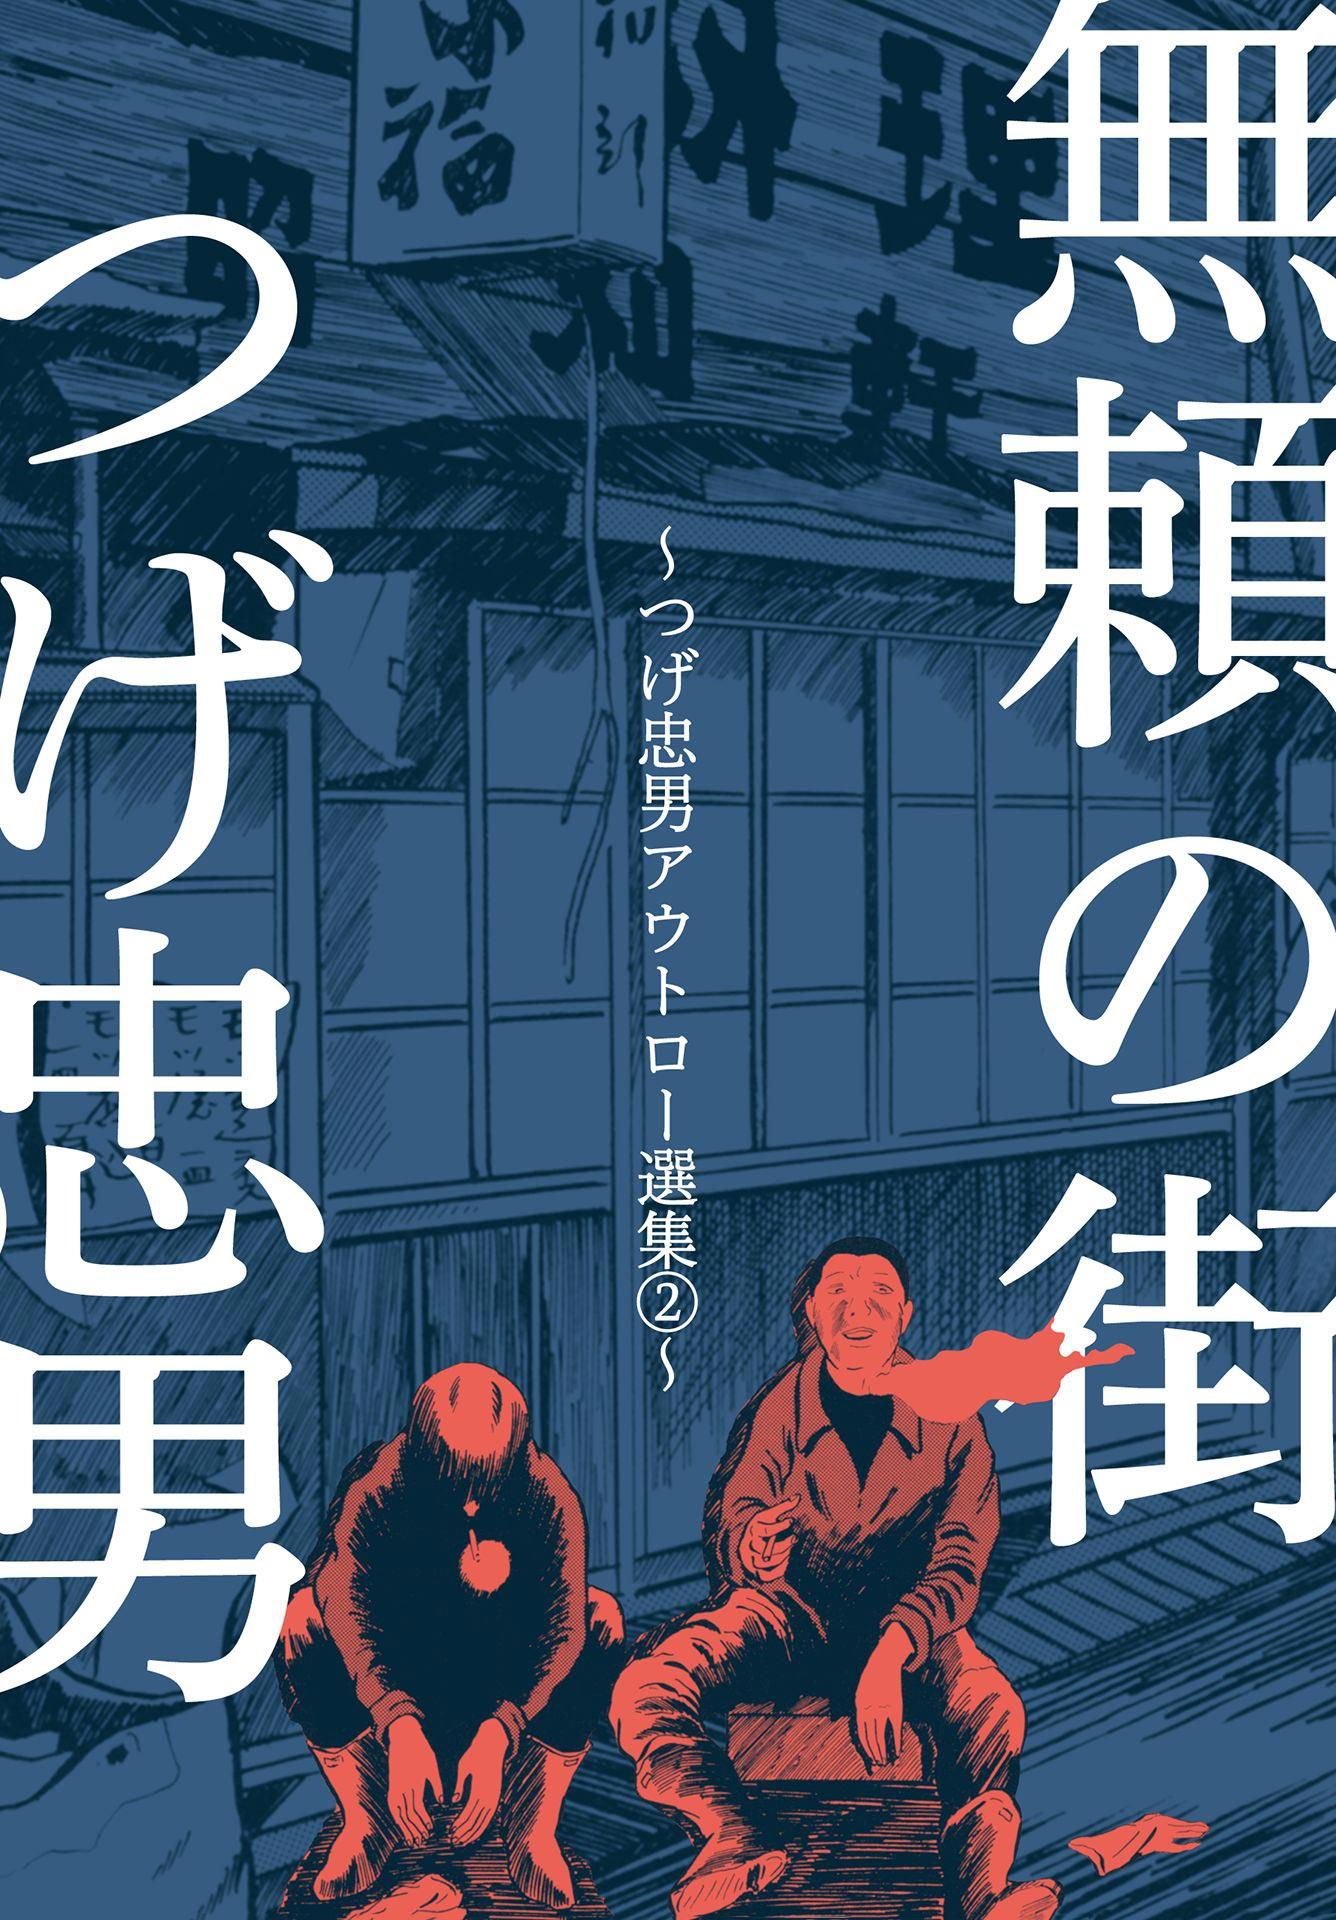 つげ忠男アウトロー選集(第2巻)